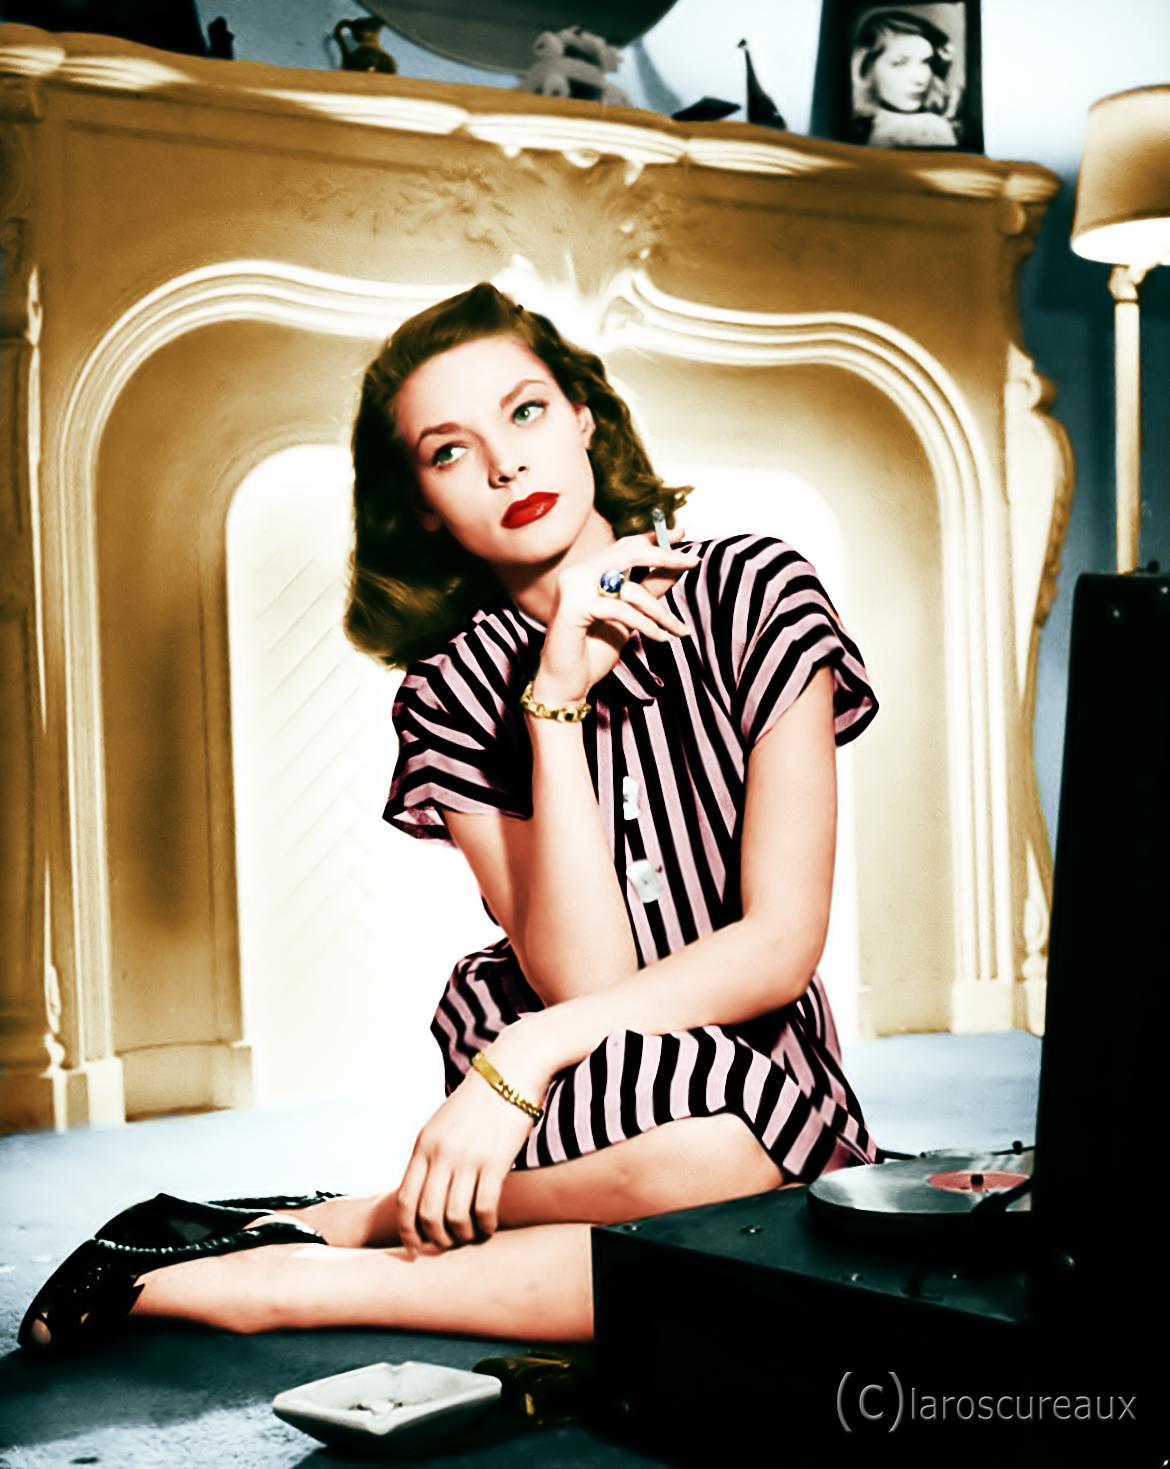 Lauren Bacall, 1940s